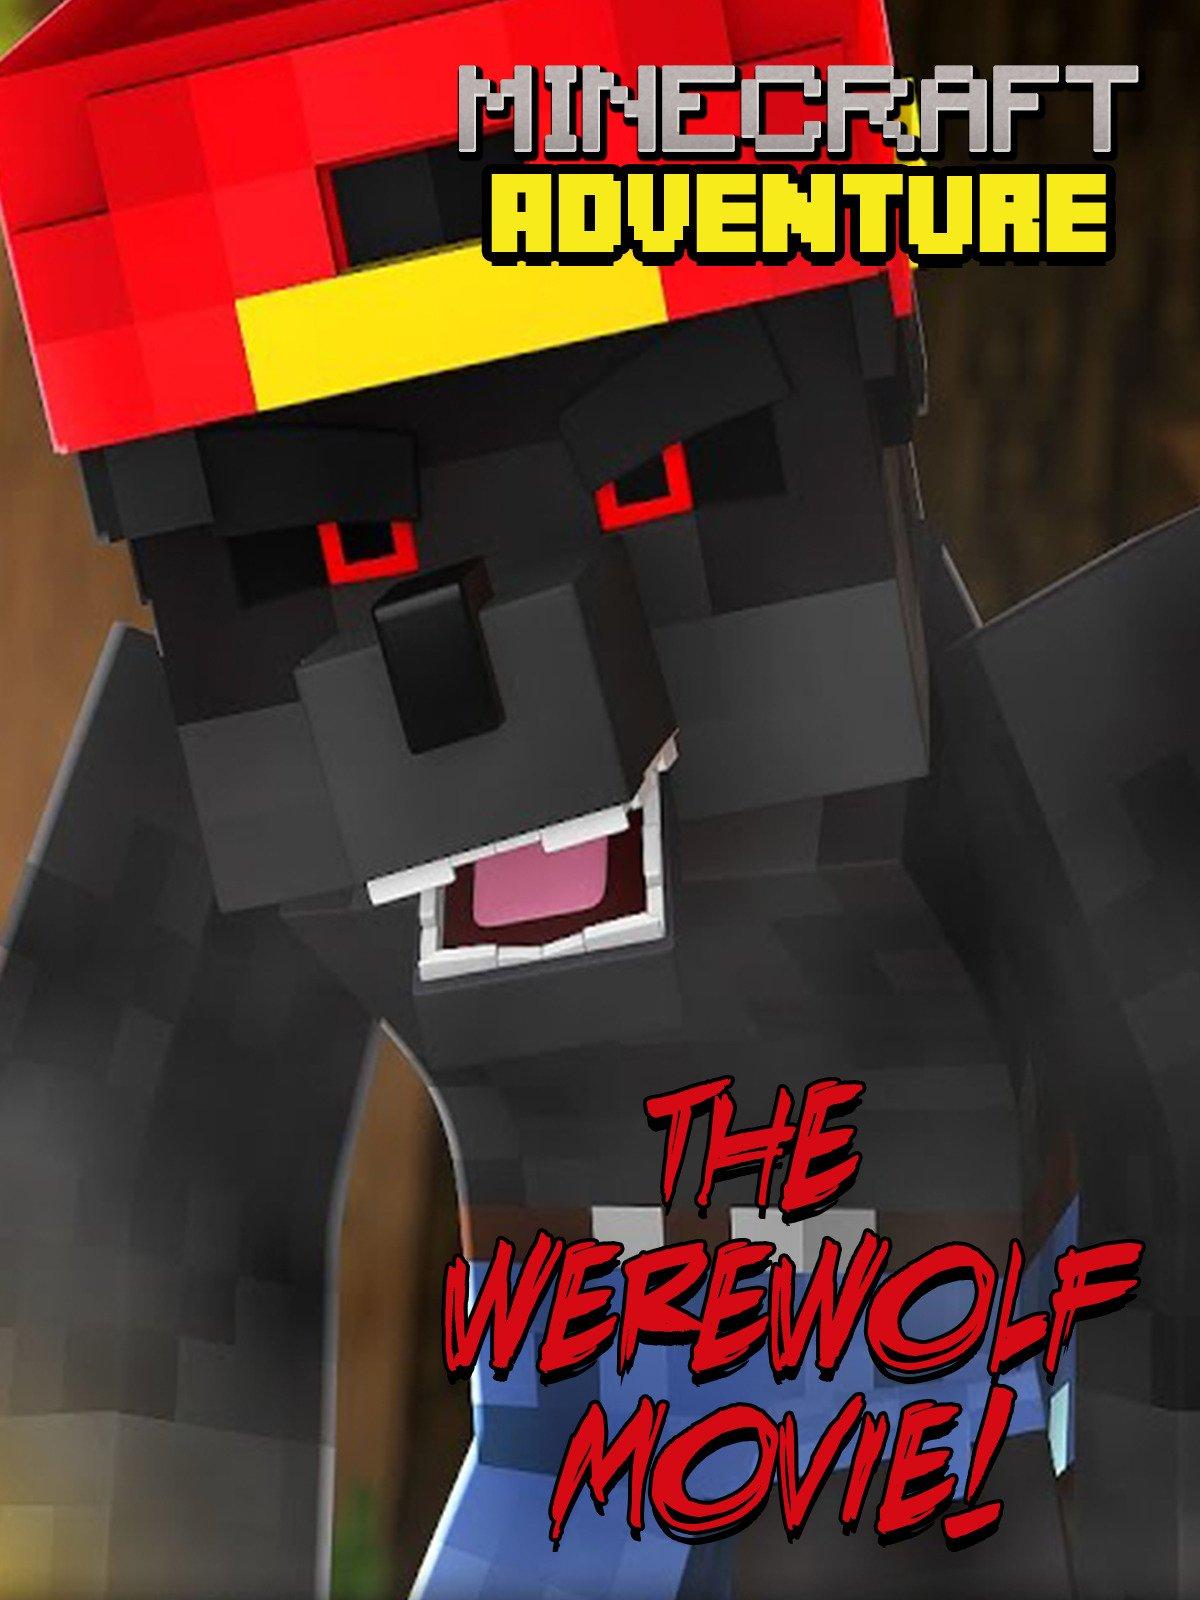 The Werewolf Movie!